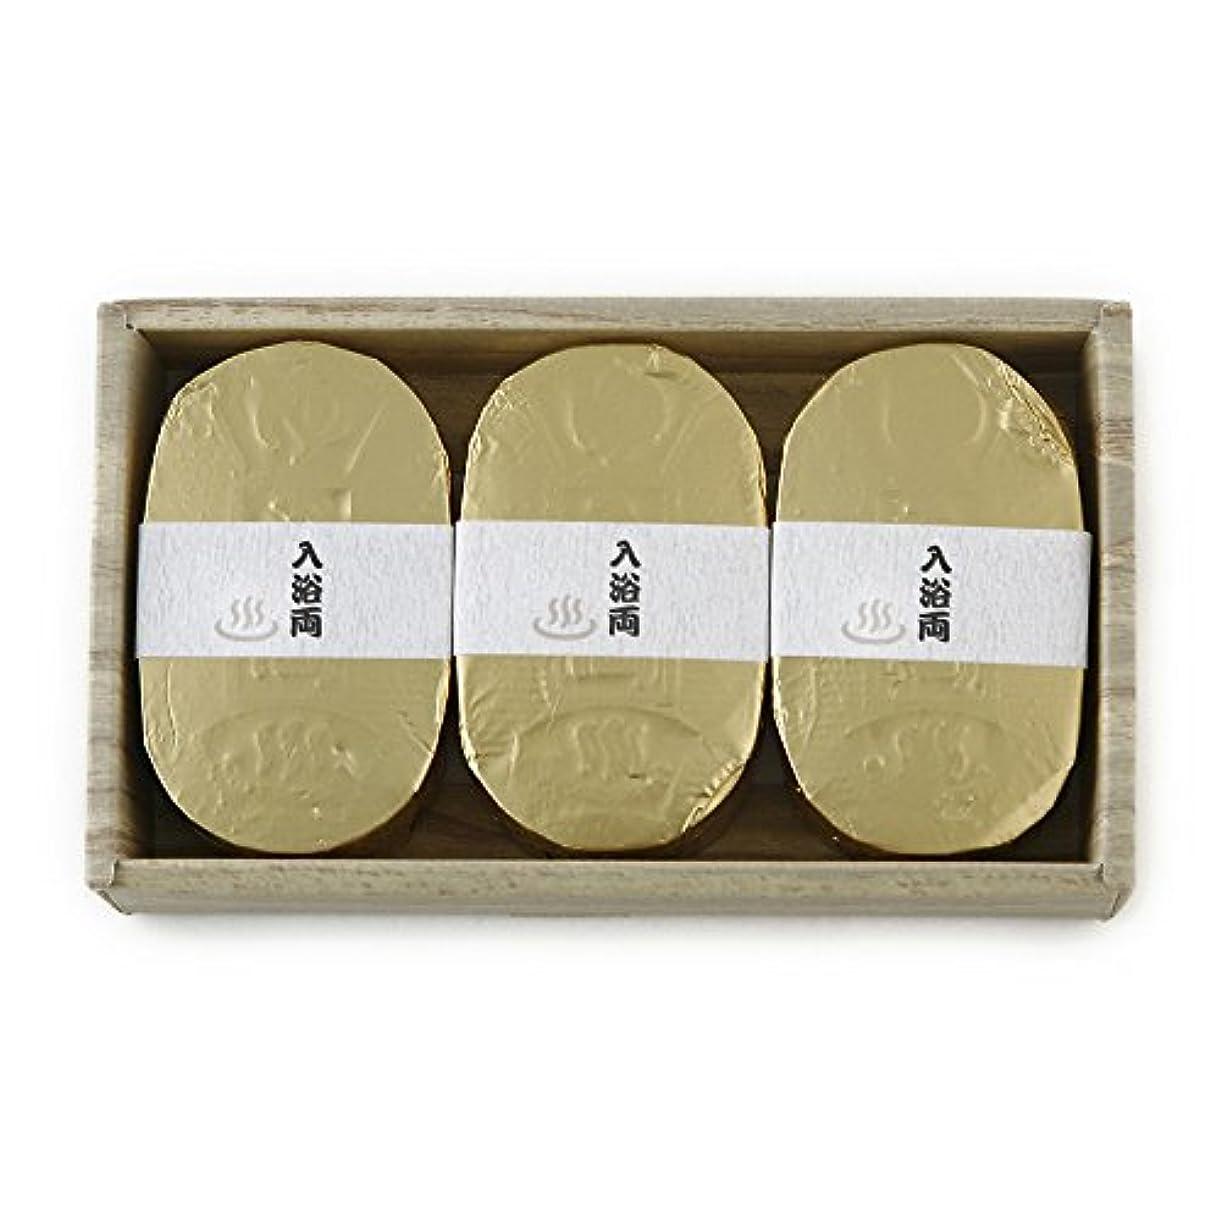 メッセンジャーアセ広く小判型バスボム 入浴両 3個入り  864円 30セット